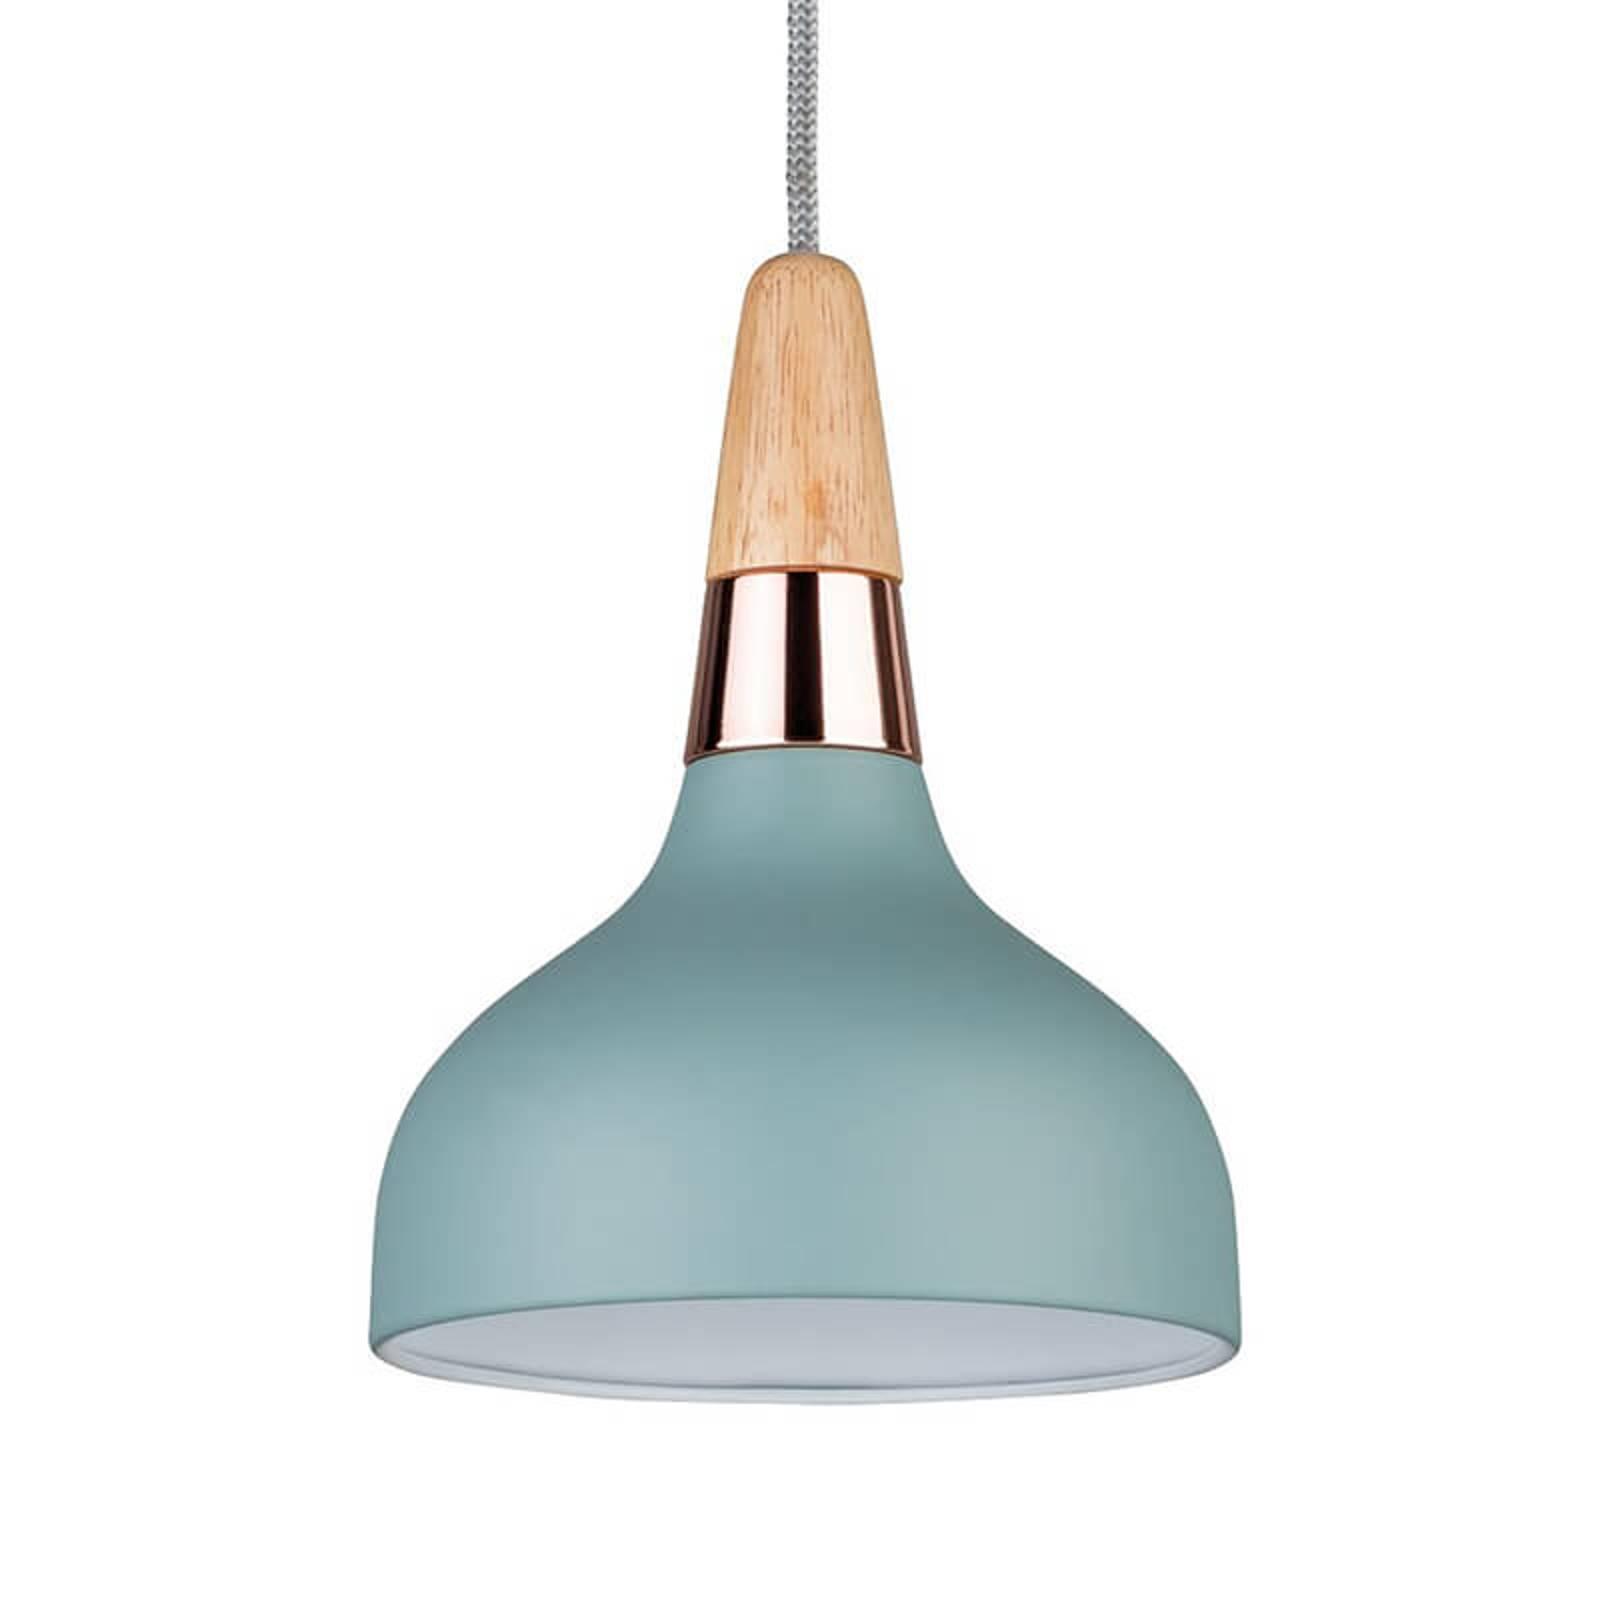 Paulmann Juna -riippuvalo, 1-lamppuinen, Ø 16 cm